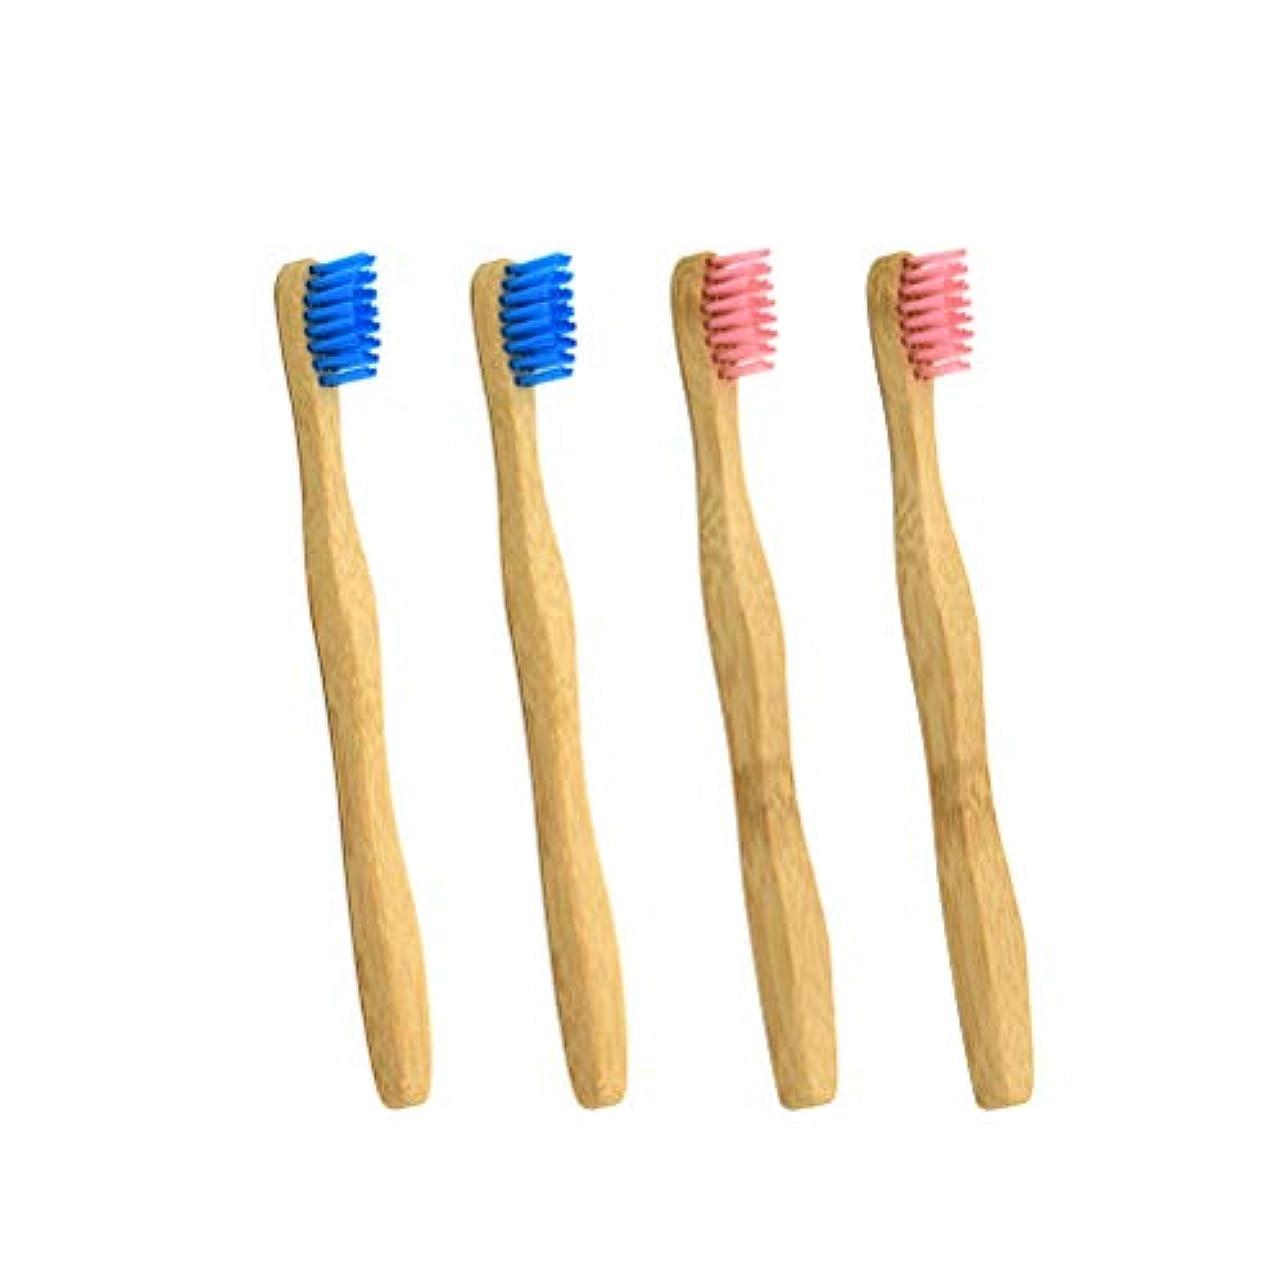 死奨学金迷信Healifty 子供旅行のための竹の歯ブラシの木炭剛毛使い捨てのナイロン歯ブラシ(ピンクとピンク各2本)